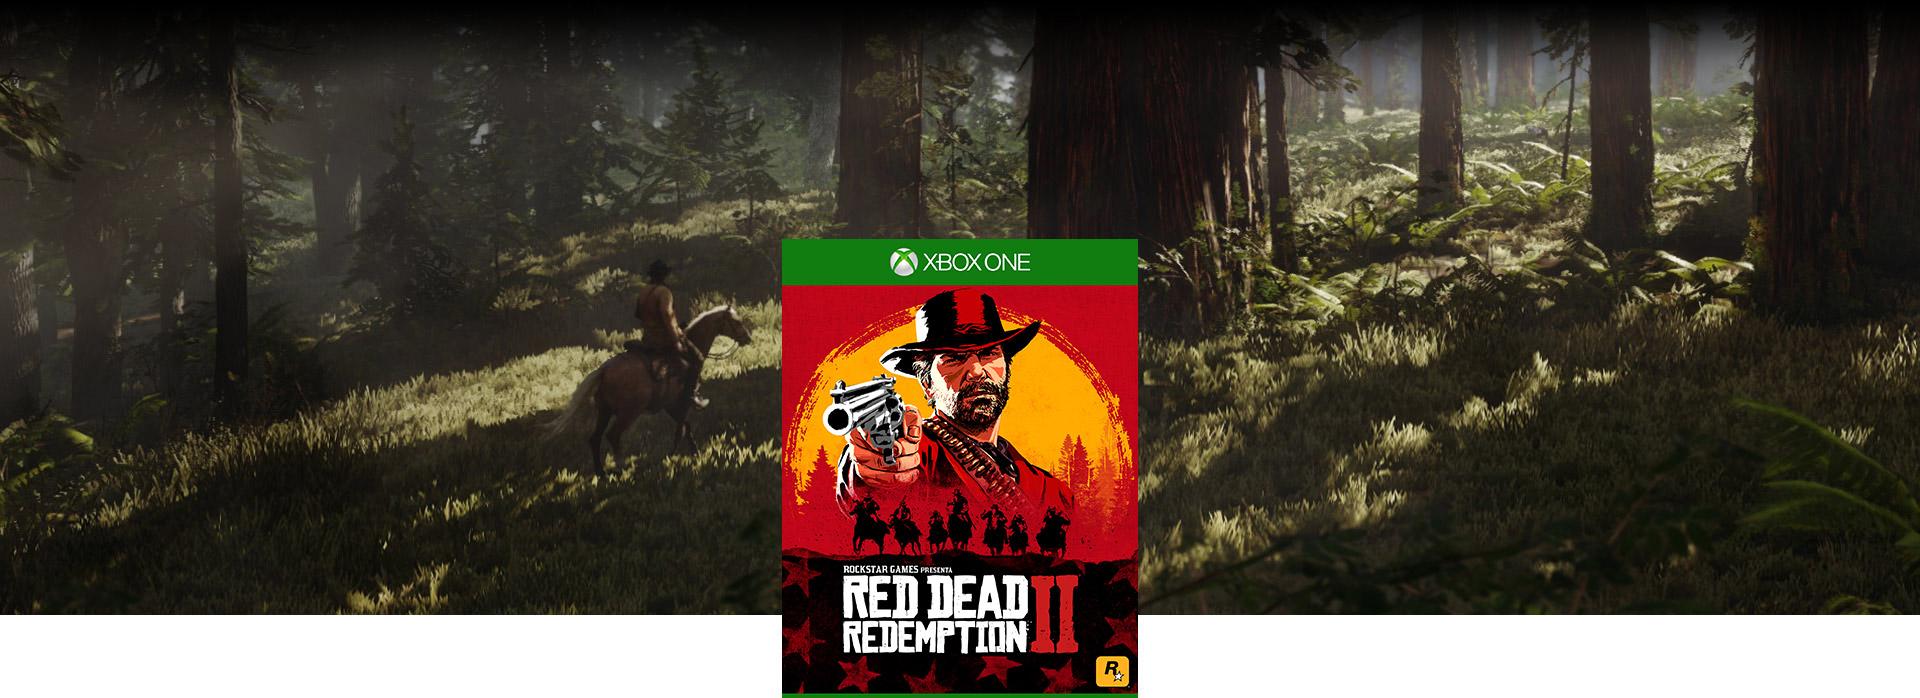 Immagine della confezione di Red Dead Redemption 2, sullo sfondo un personaggio a cavallo in un bosco